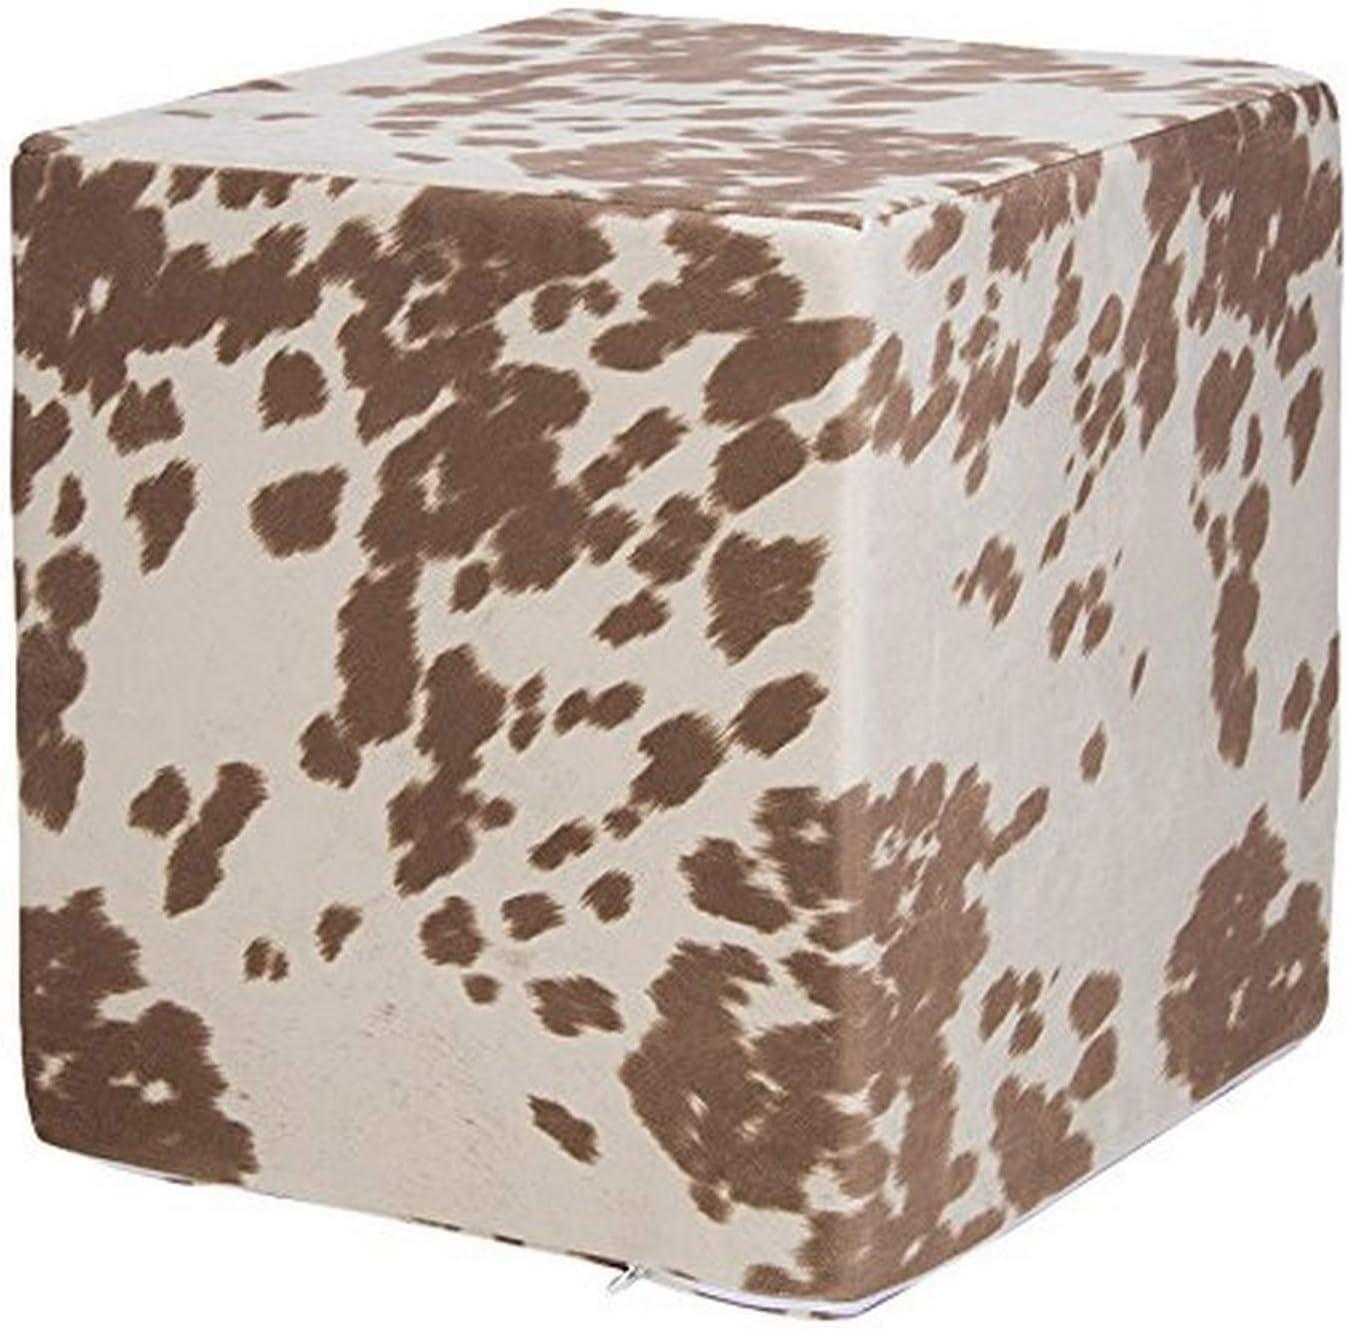 Glenna 40% OFF Cheap gift Sale Jean Sweet Potato Happy Trails Pouf Print Tan Cow